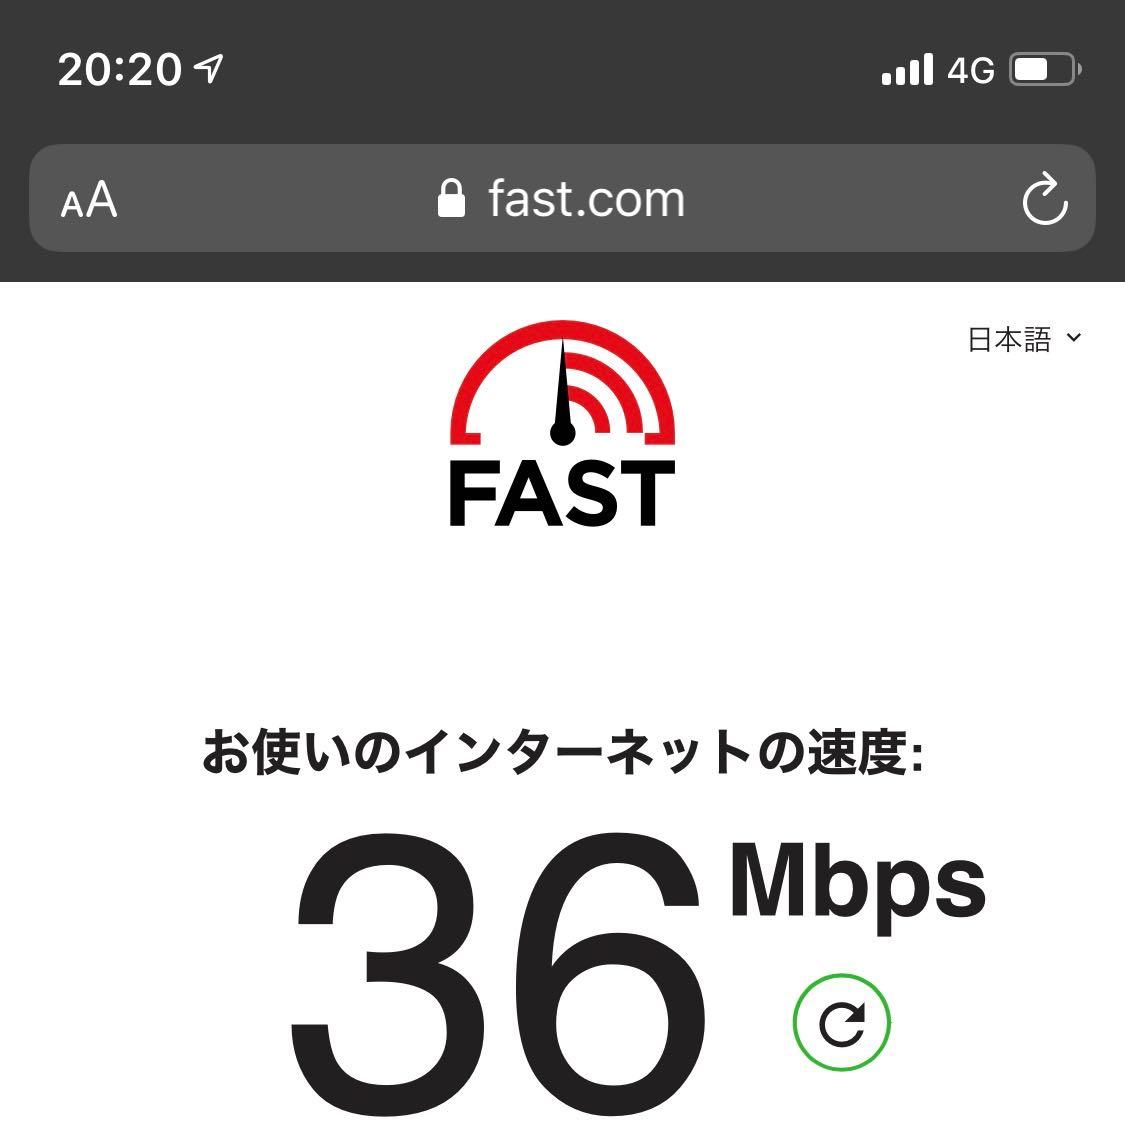 Y!mobile(夜) 36Mbps